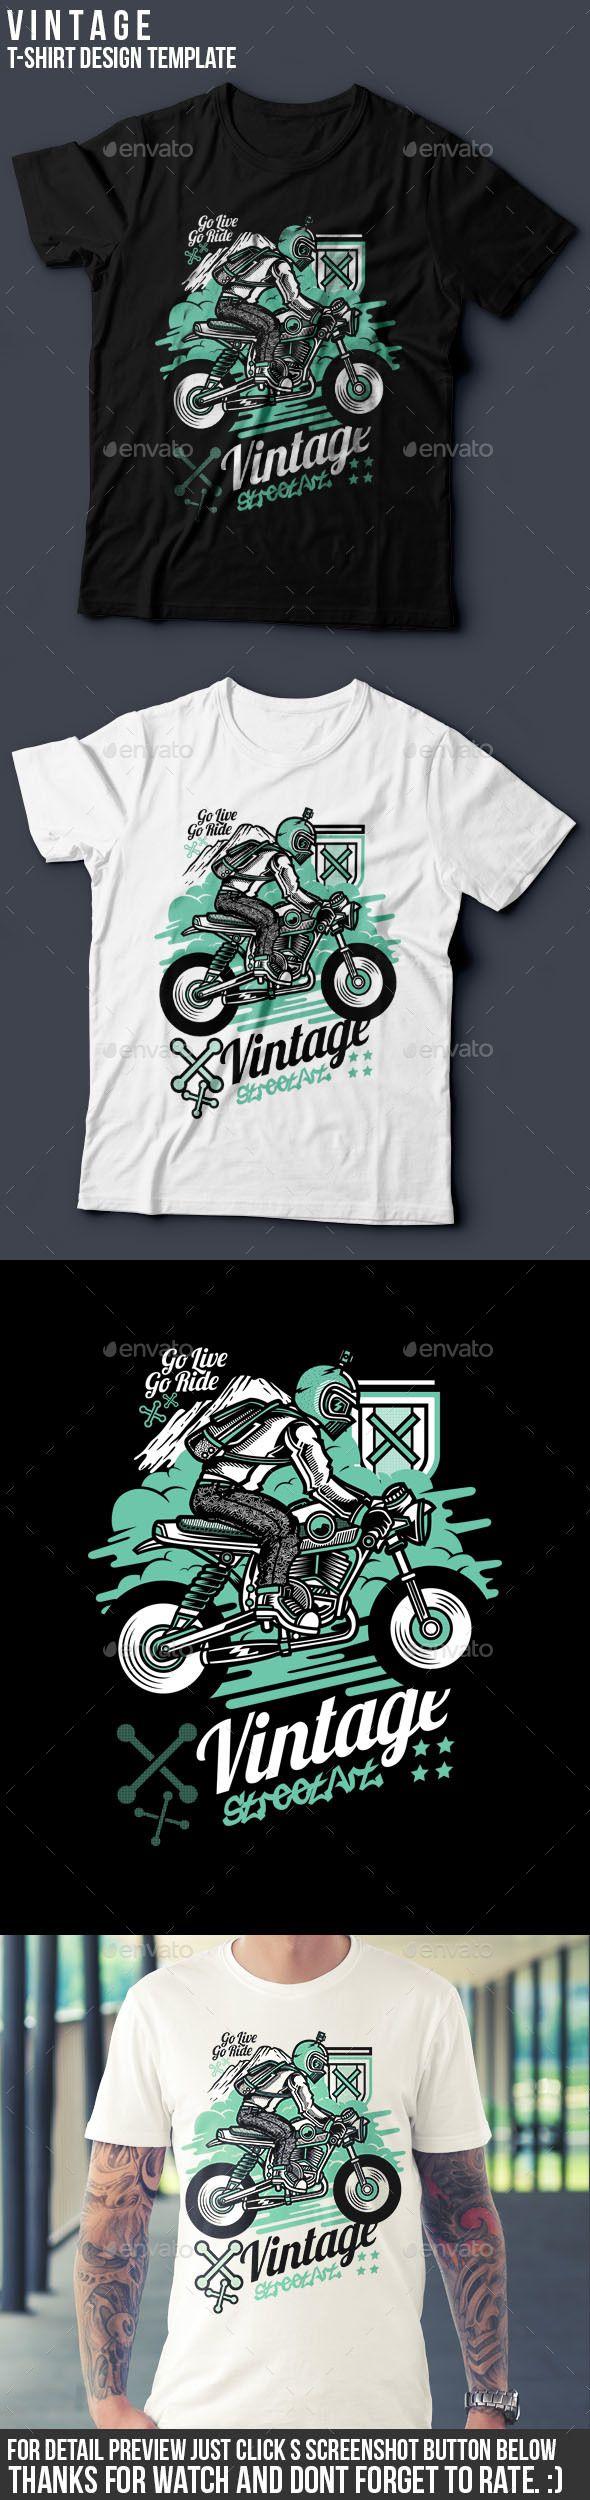 Shirt design games - Vintage T Shirt Design